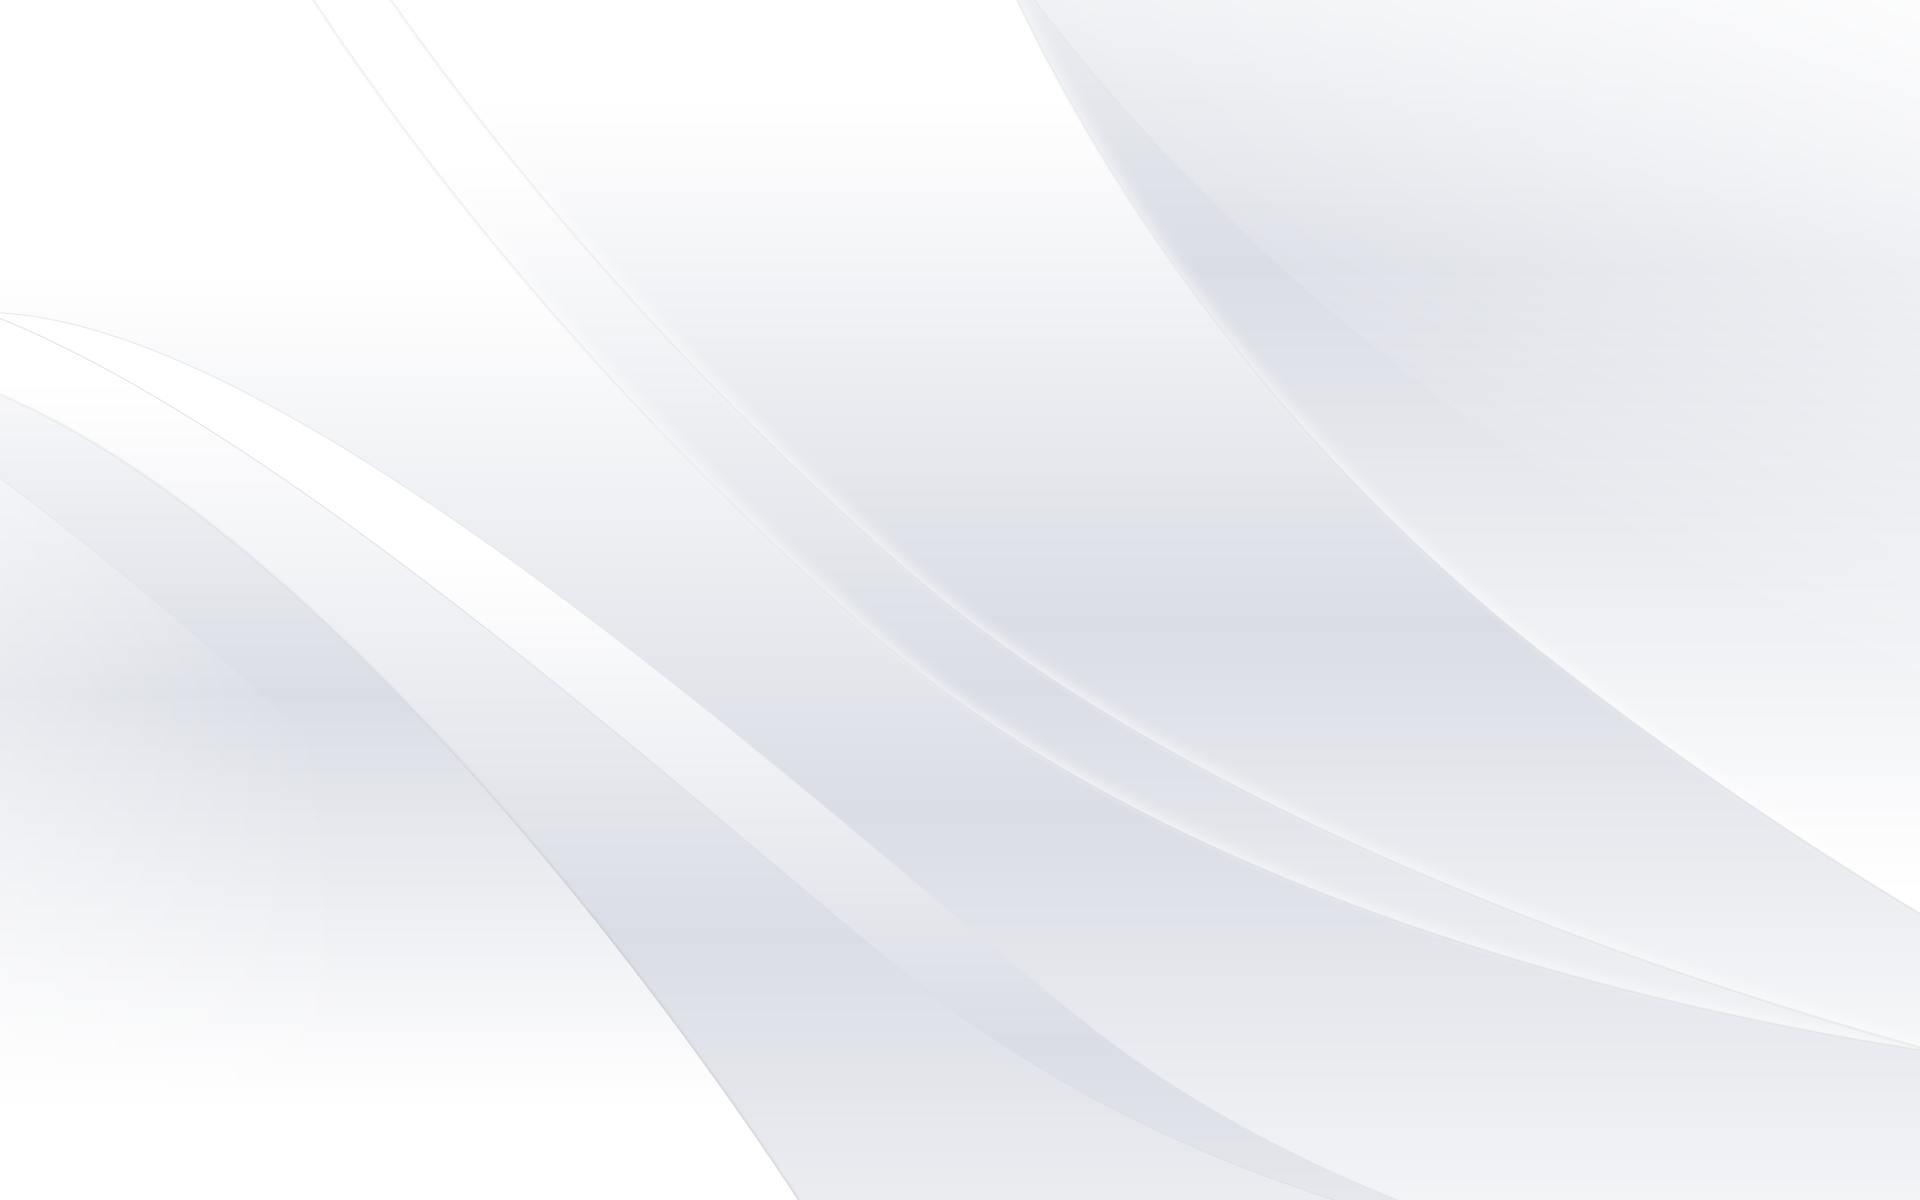 お洒落シンプルな 白ホワイト系 Pcデスクトップ壁紙 White